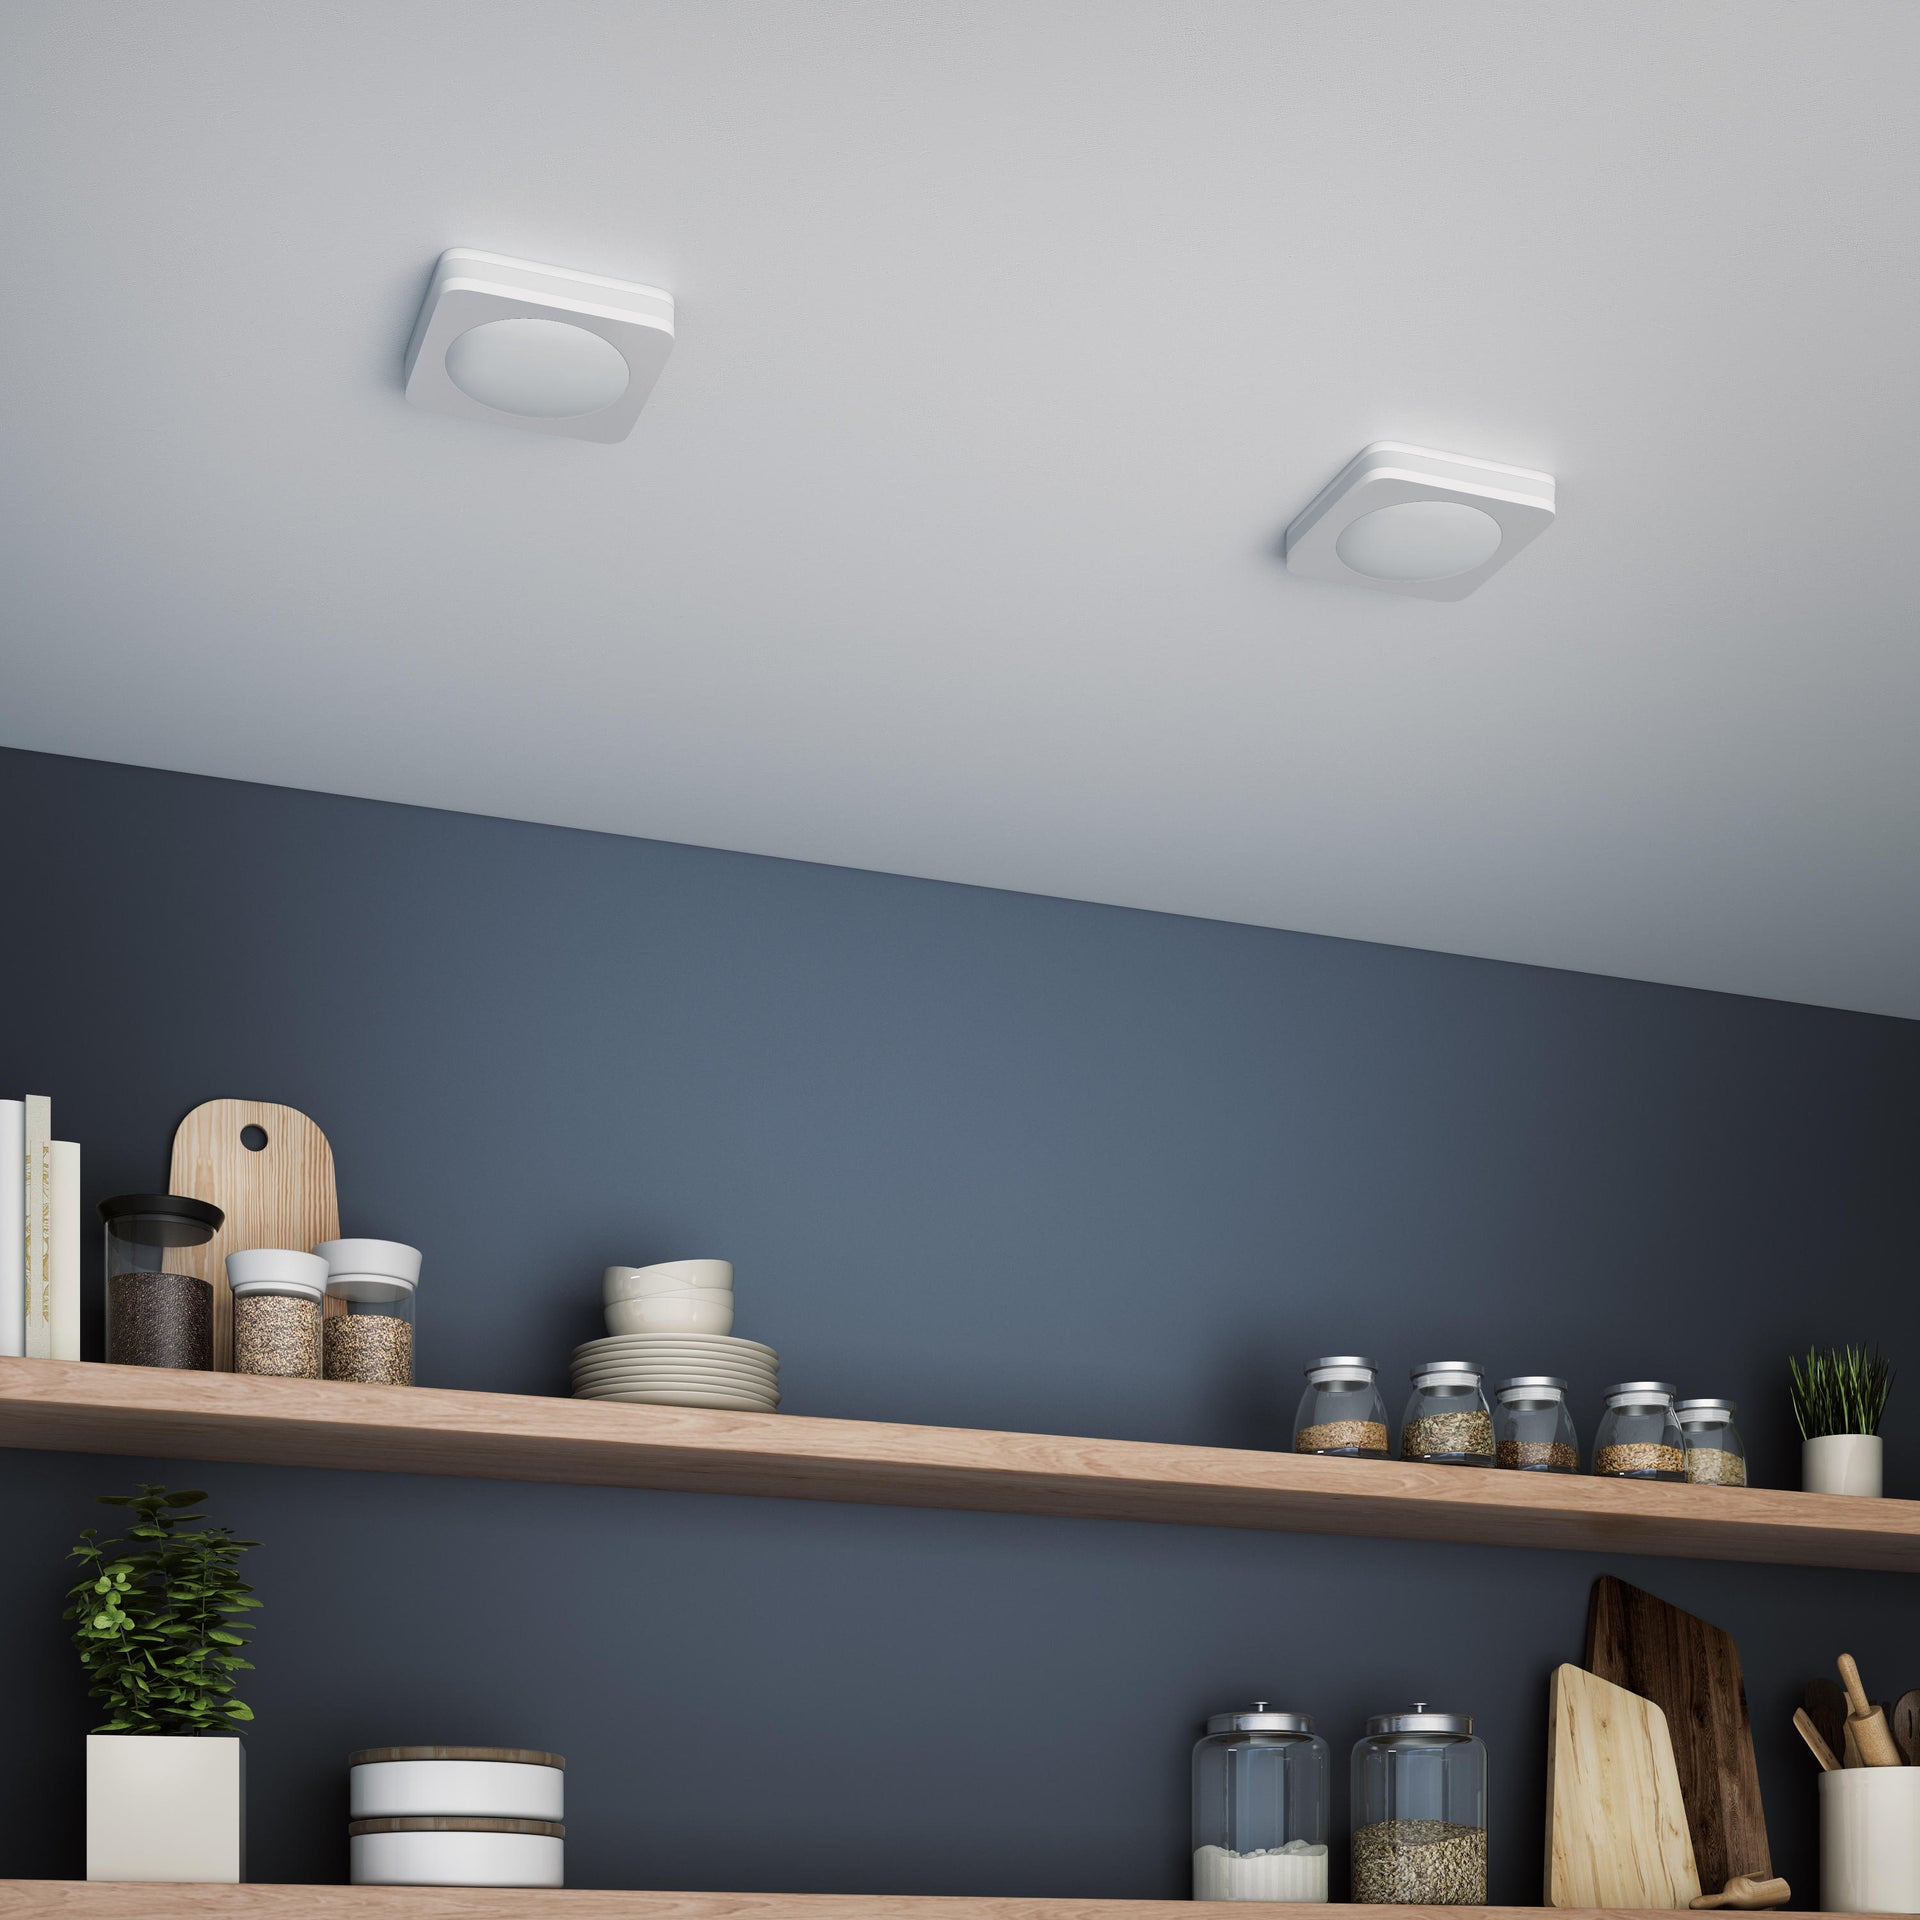 Faretto fisso da incasso quadrato Albina in Alluminio bianco, 8x8cm Diodi LED integrati 6W IP20 INSPIRE - 3